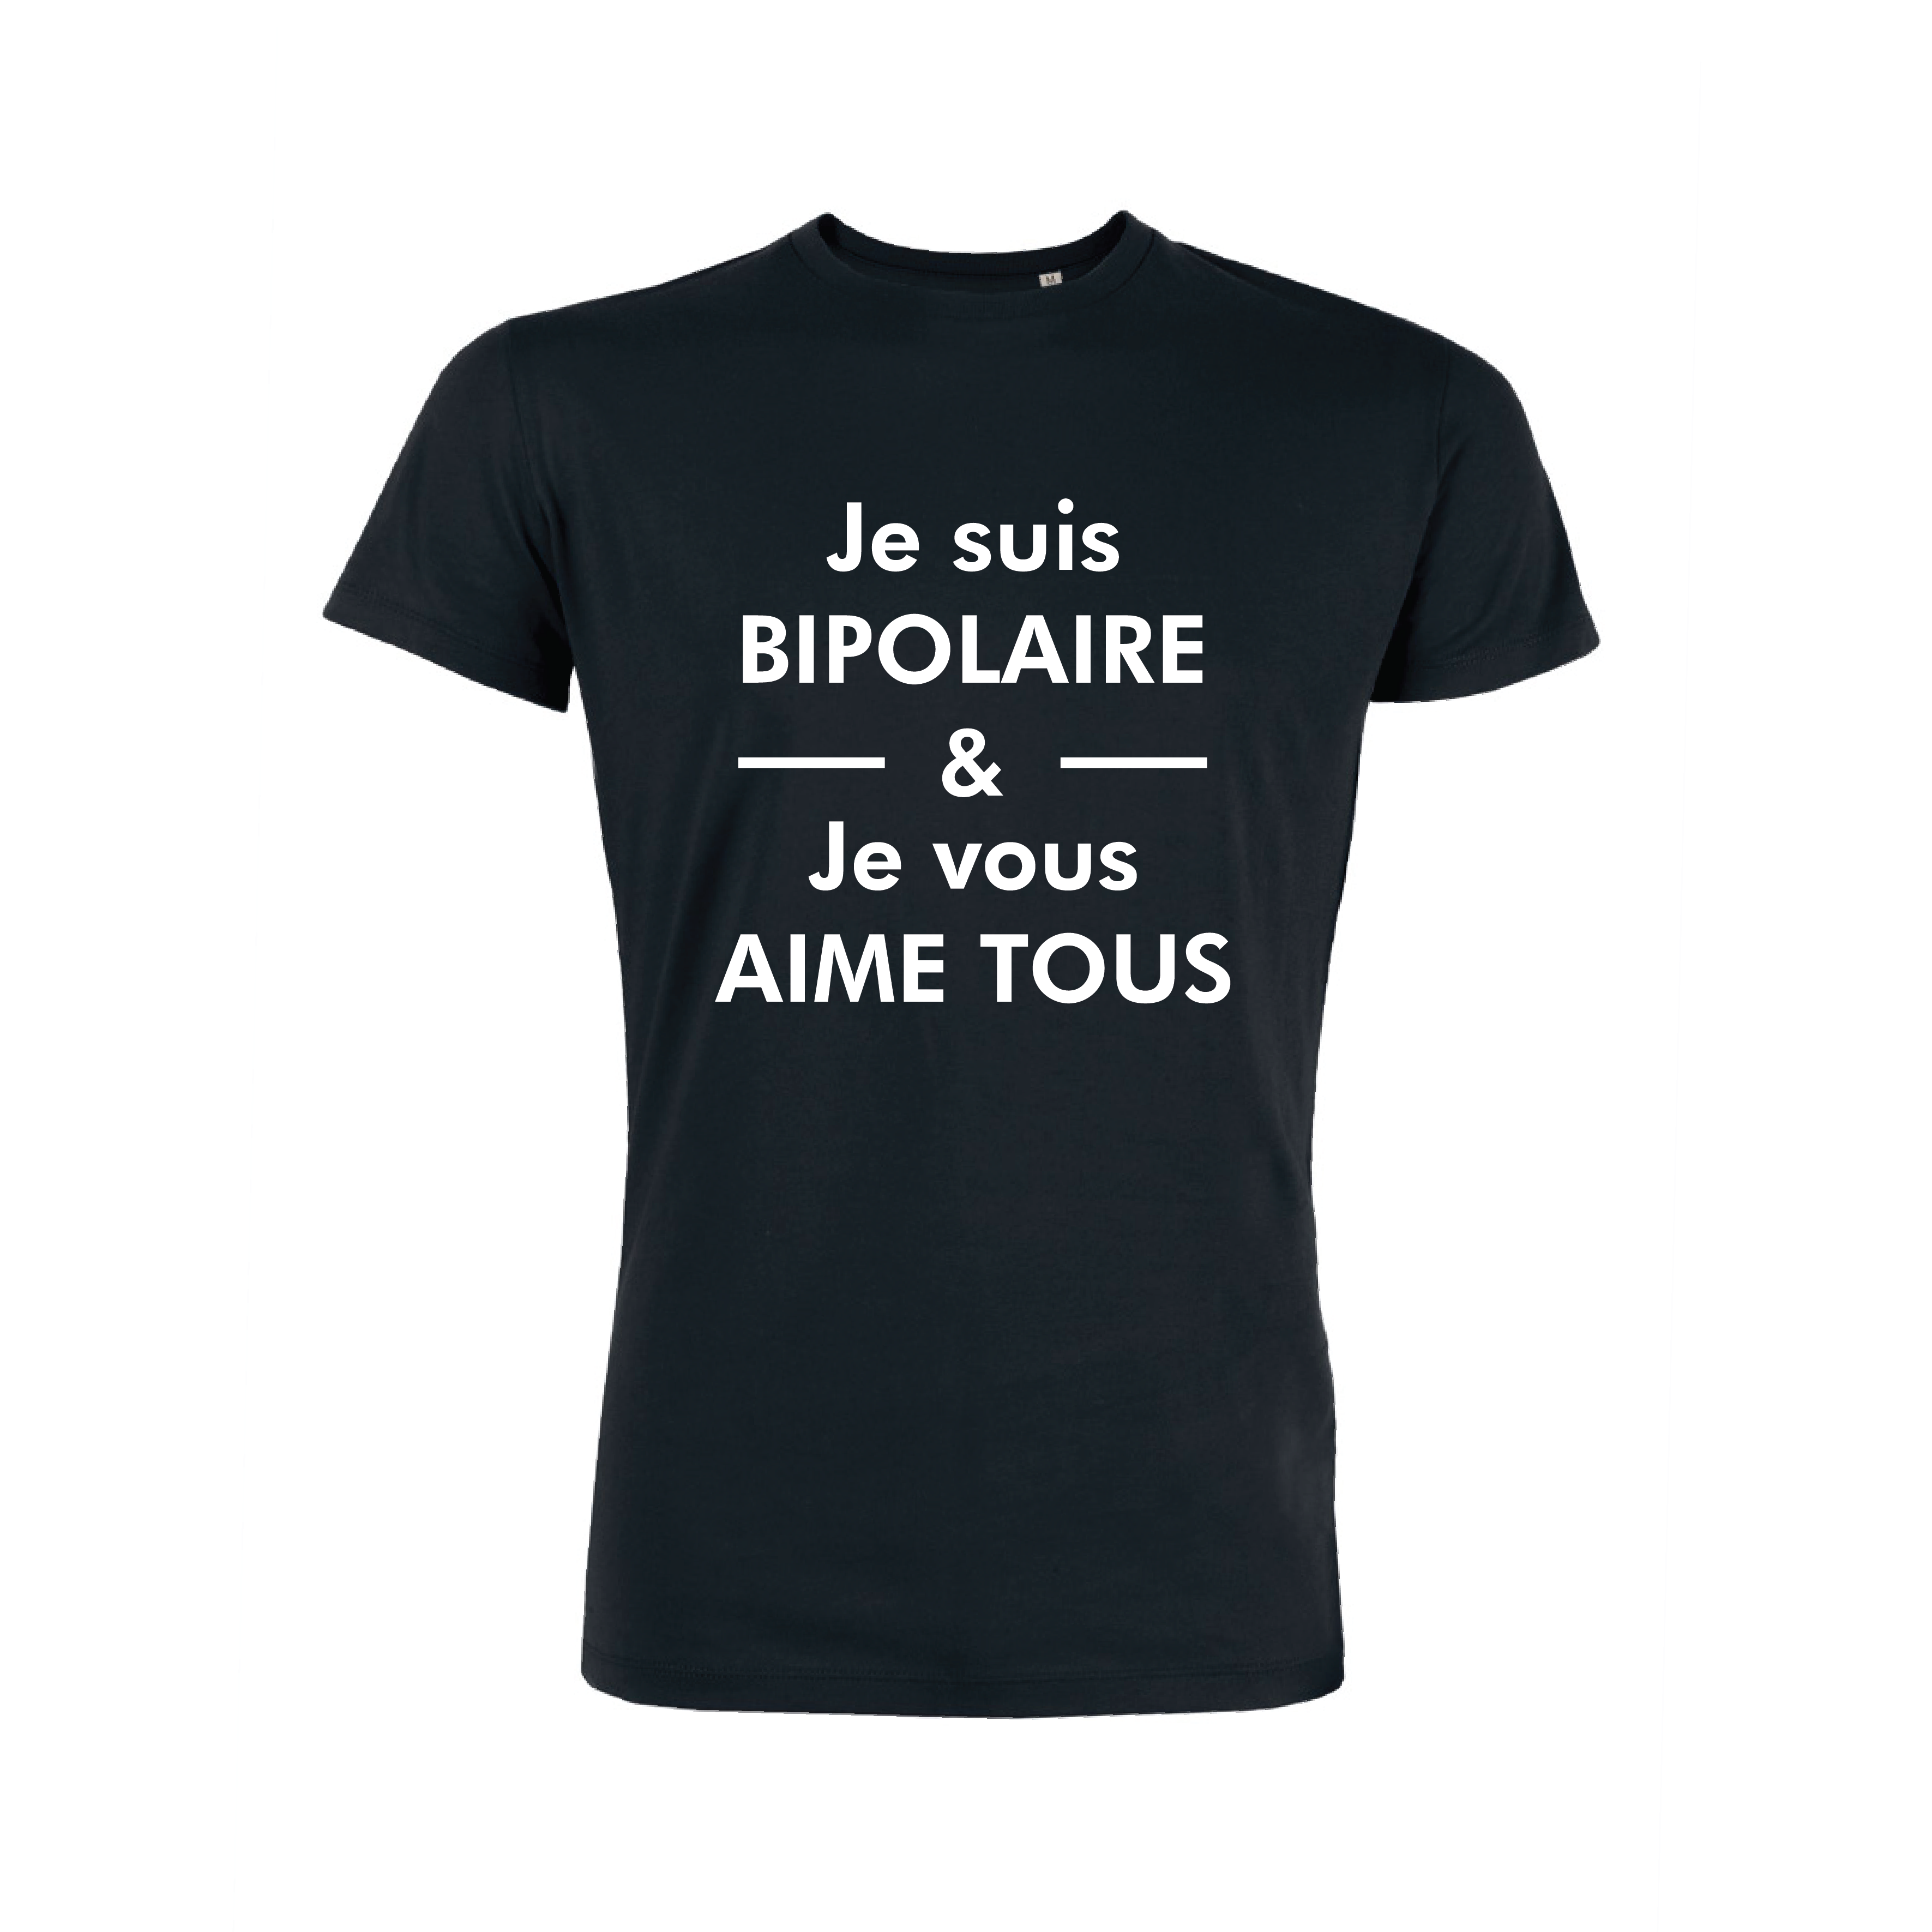 Teeshirt Homme - Je Suis Bipolaire & Je Vous Aime Tous